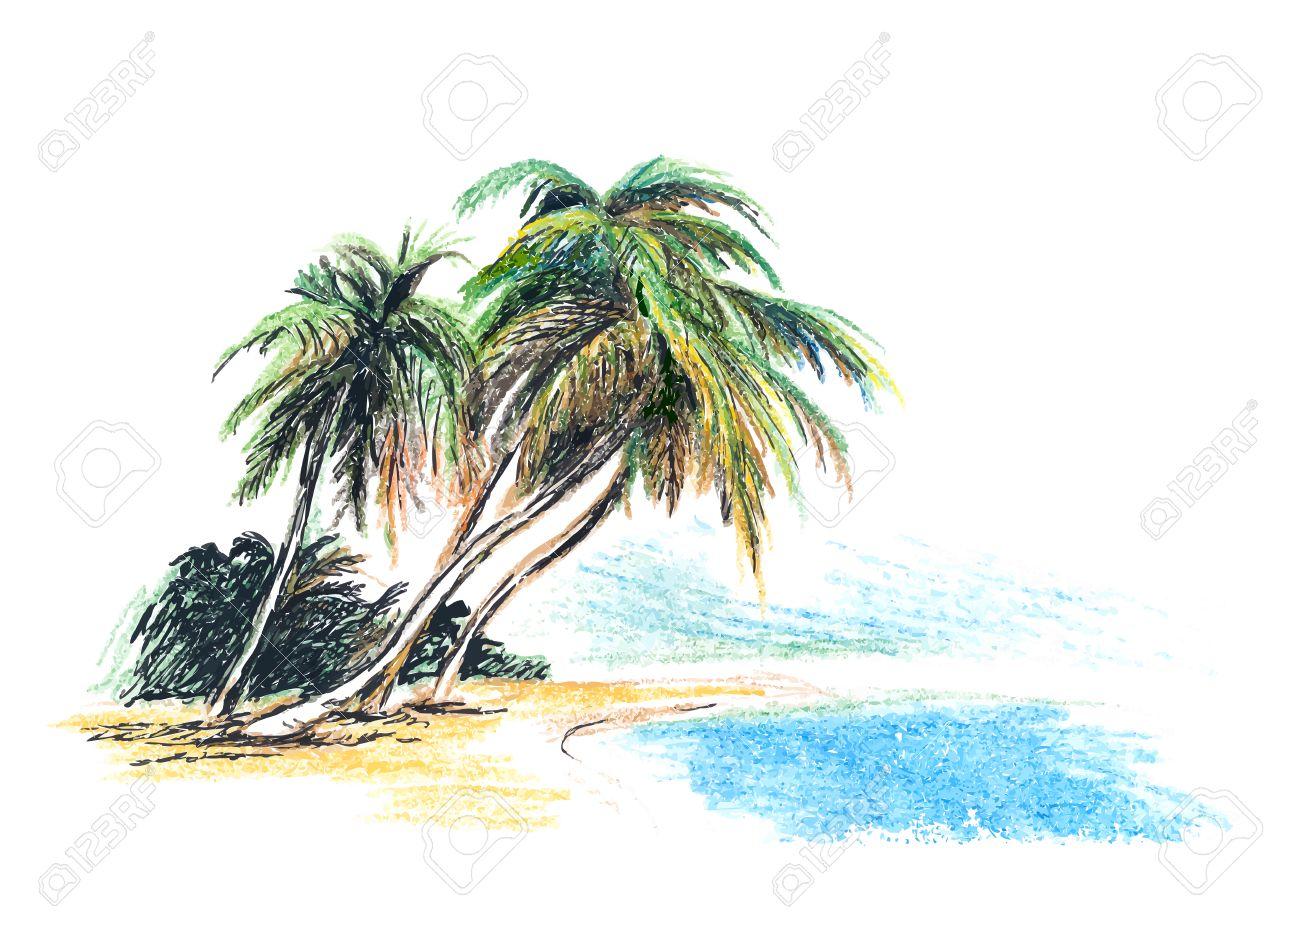 Dibujo De Playa Con Palmeras Ilustración Vectorial